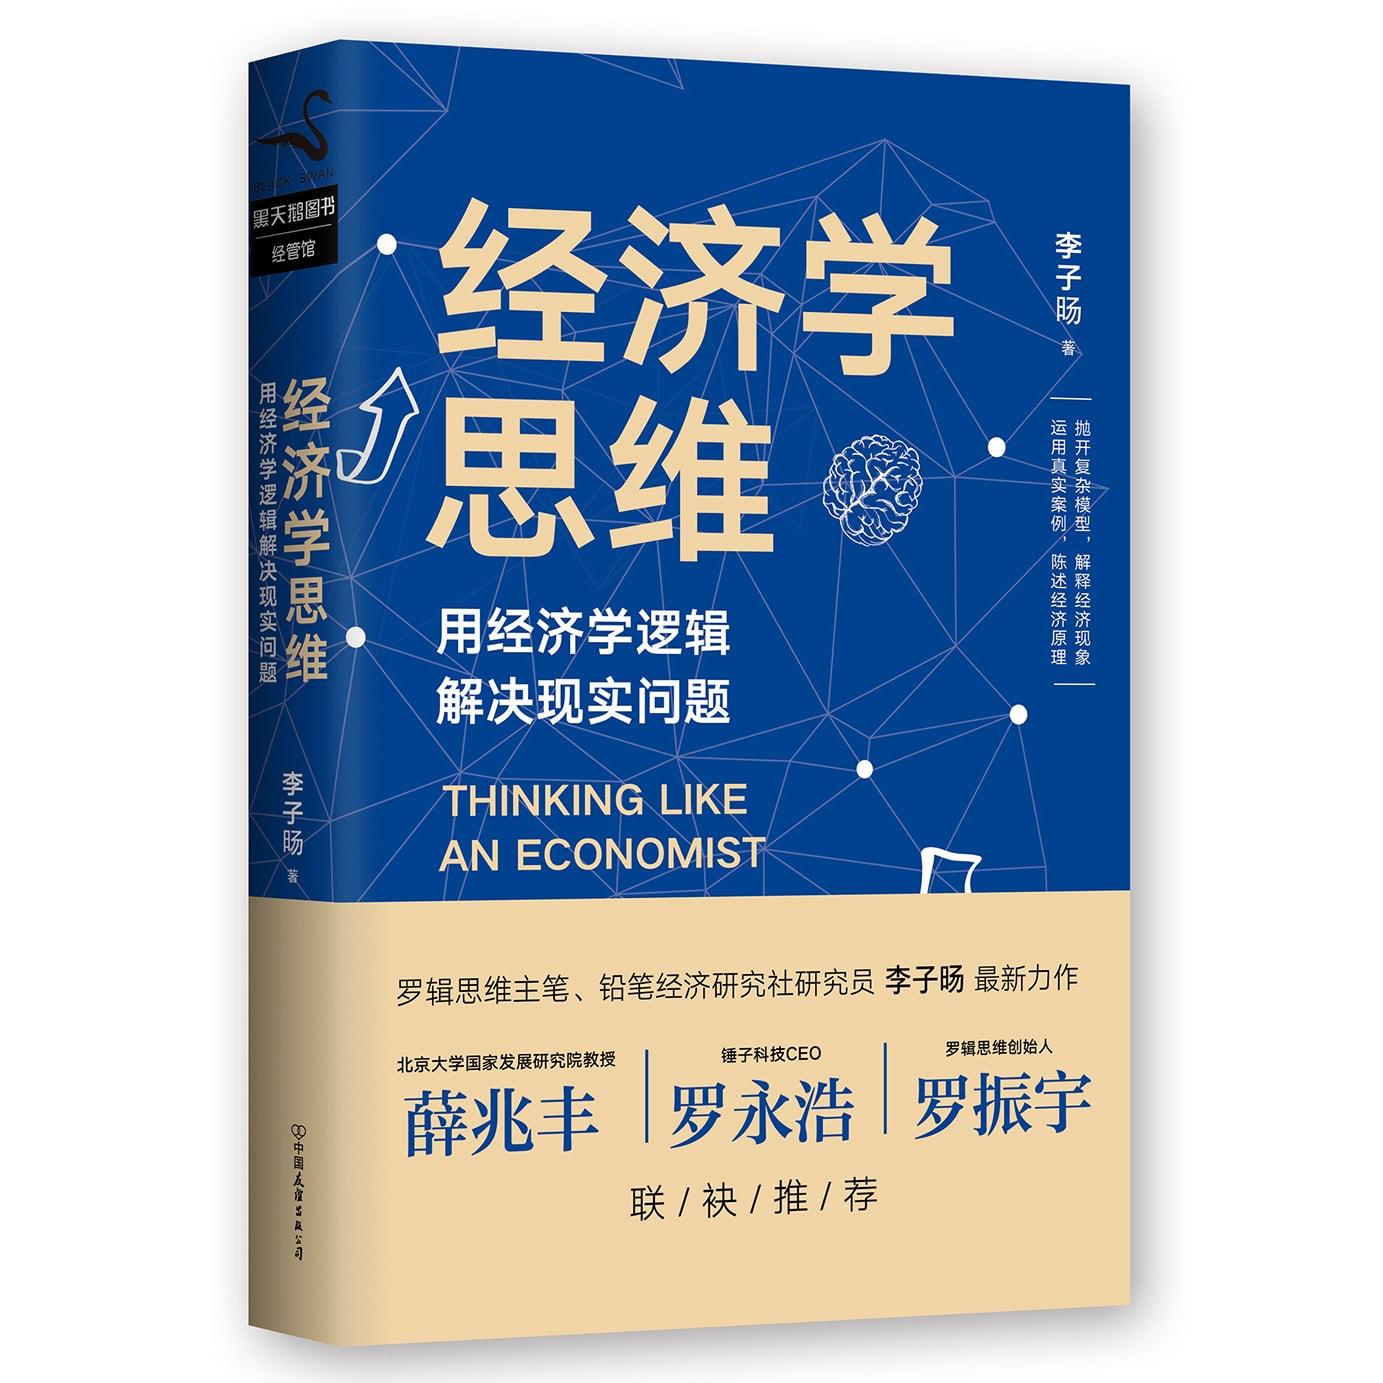 经济学思维 怎么样 - 亚米网